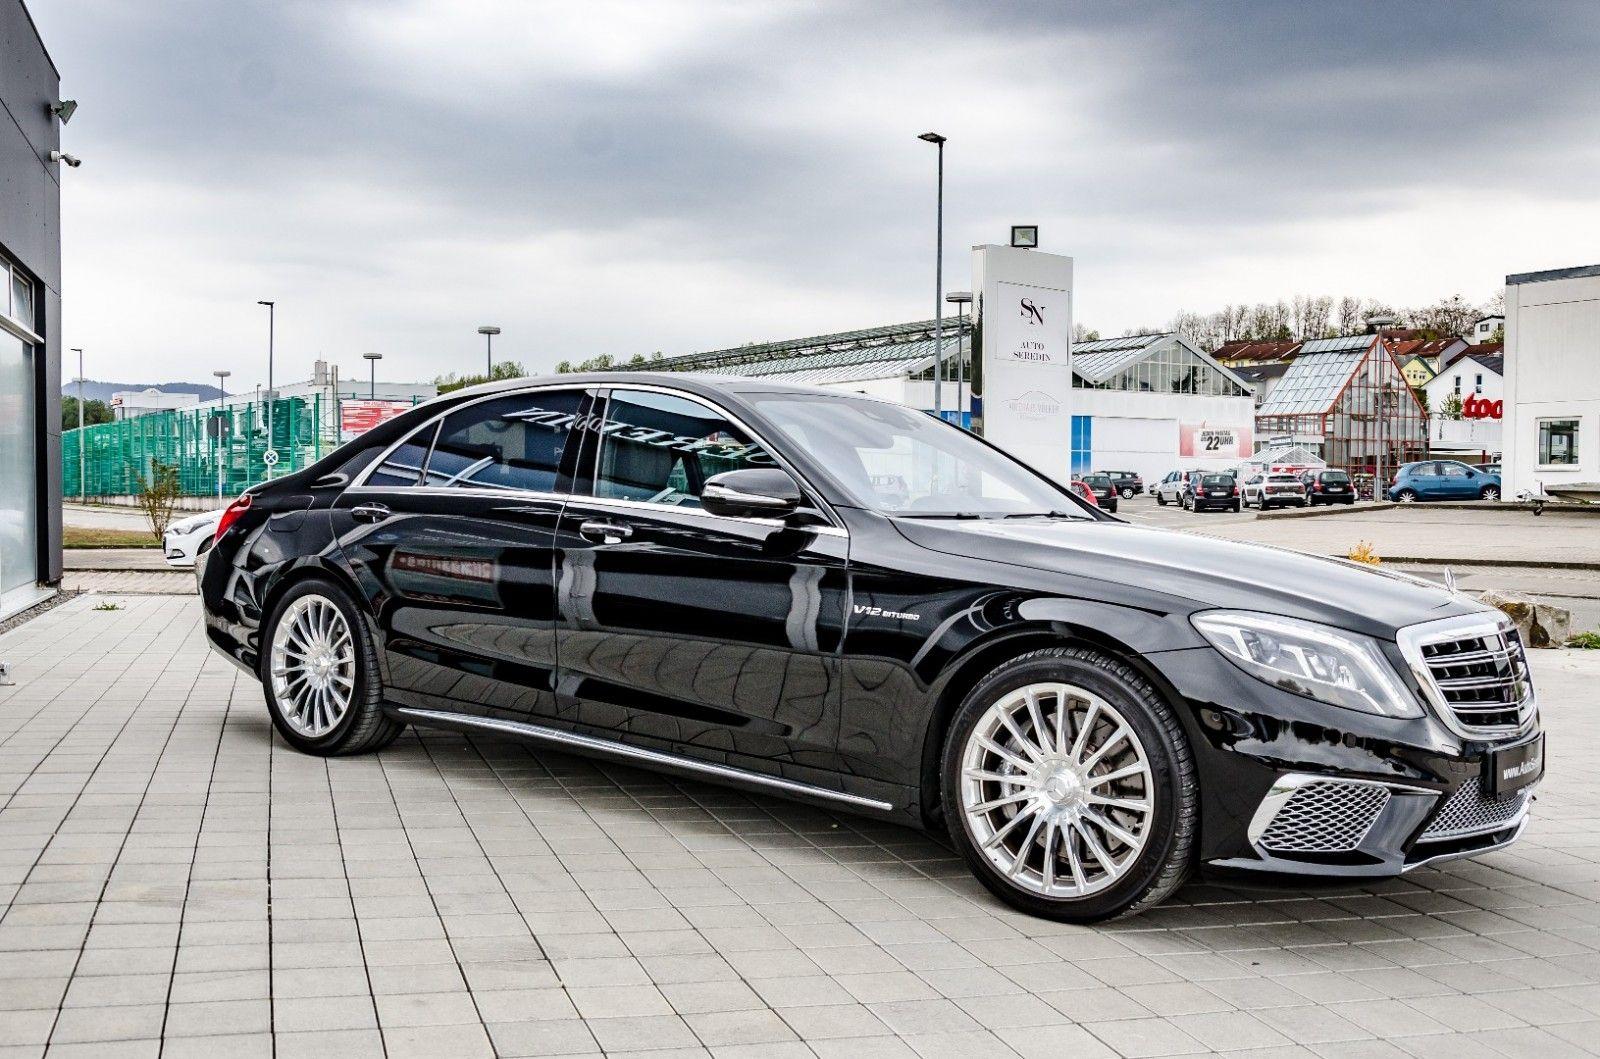 Mercedes Benz S 65 Amg L 5 Seats Burm 3d Night Vision 360 Export Price 140 420 Stosk L549 Fuel Consumption Benz S Dubai Cars Mercedes Benz